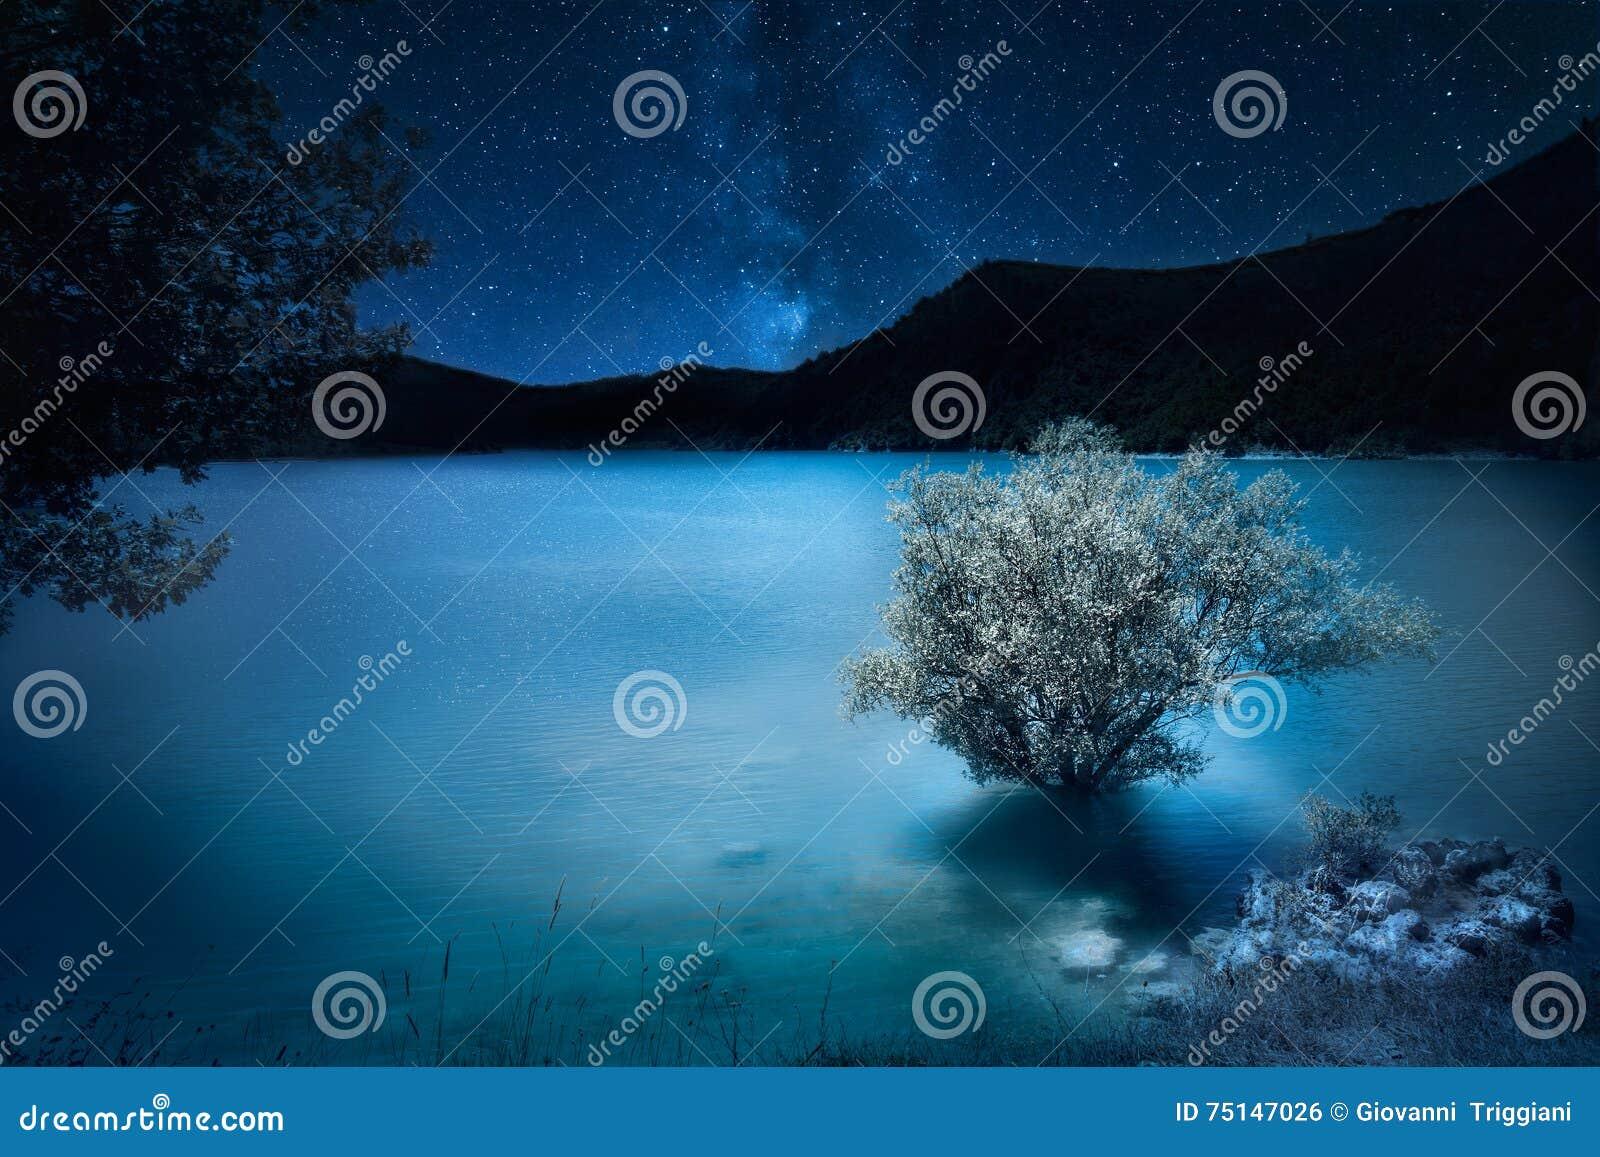 Νύχτα βαθιά σκούρο μπλε Γαλακτώδη αστέρια τρόπων πέρα από τη λίμνη βουνών μαγικός